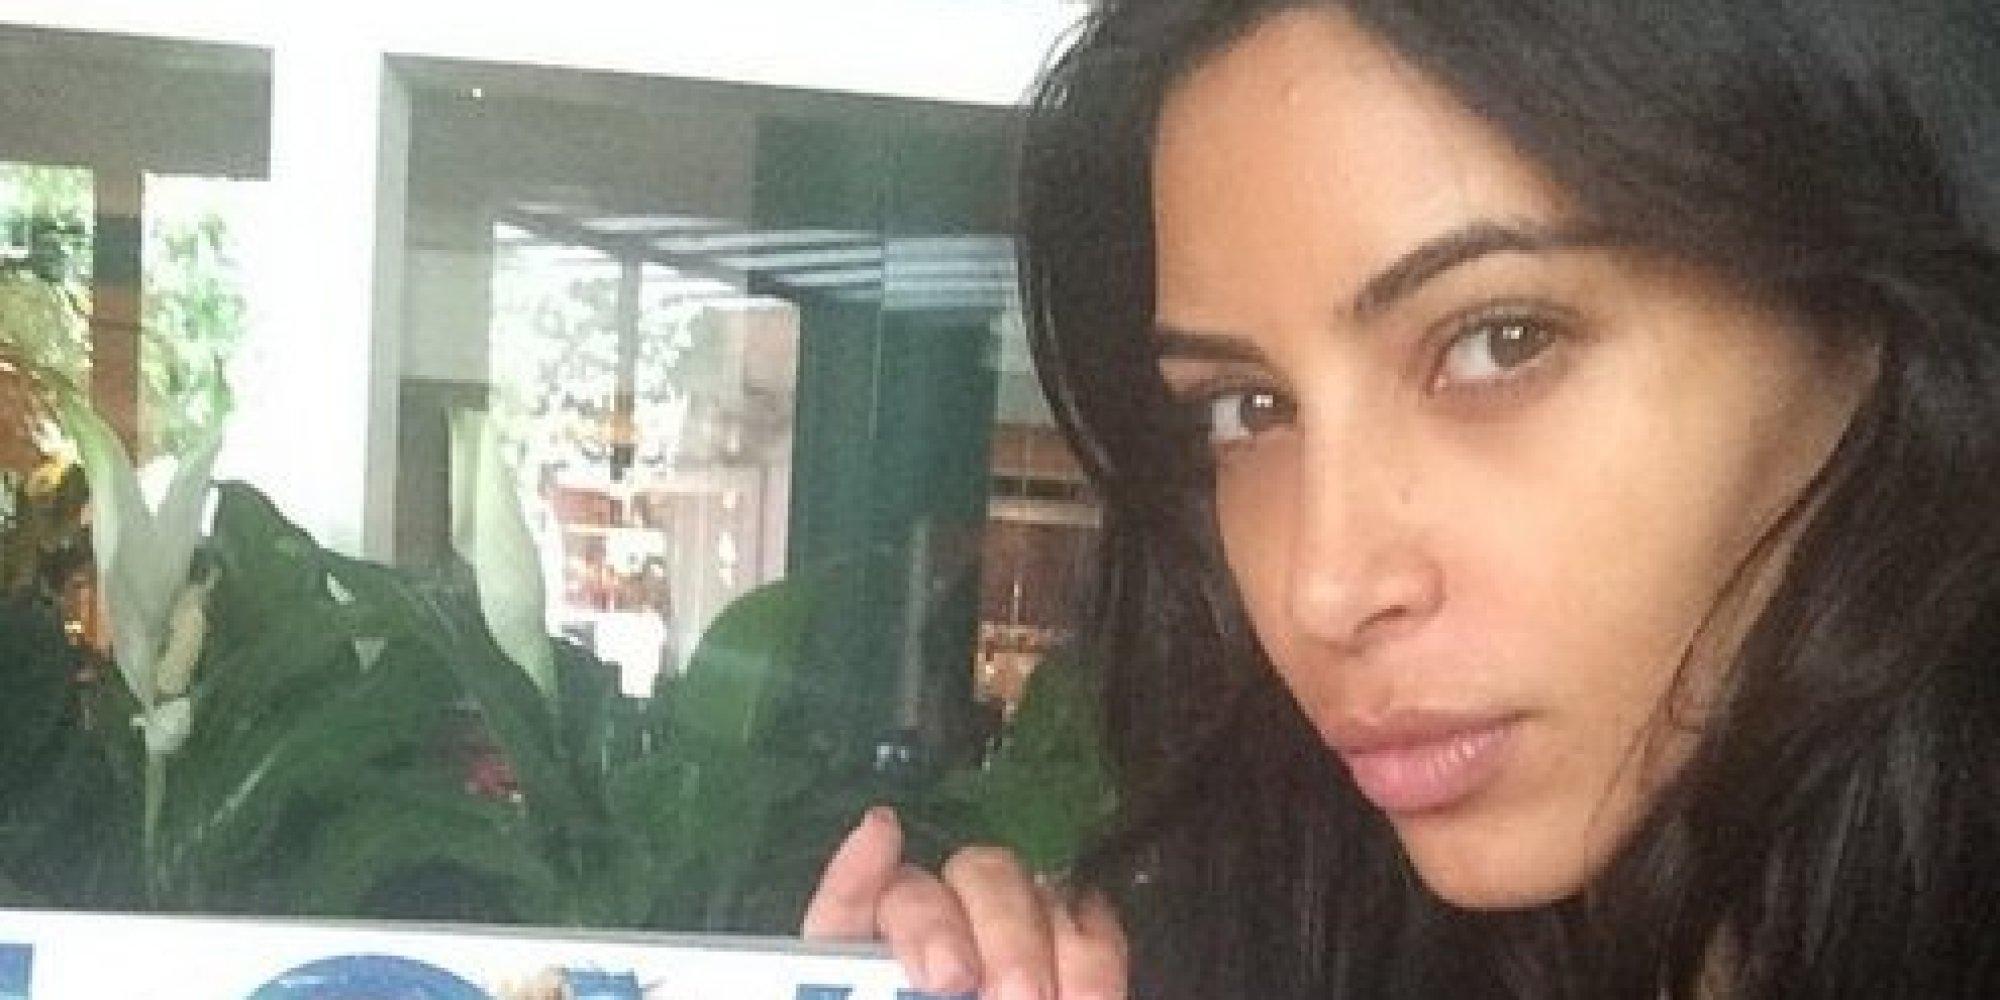 Kim Kardashian Shares Makeup Free Selfie The Rarest Of All - Kim-k-without-makeup